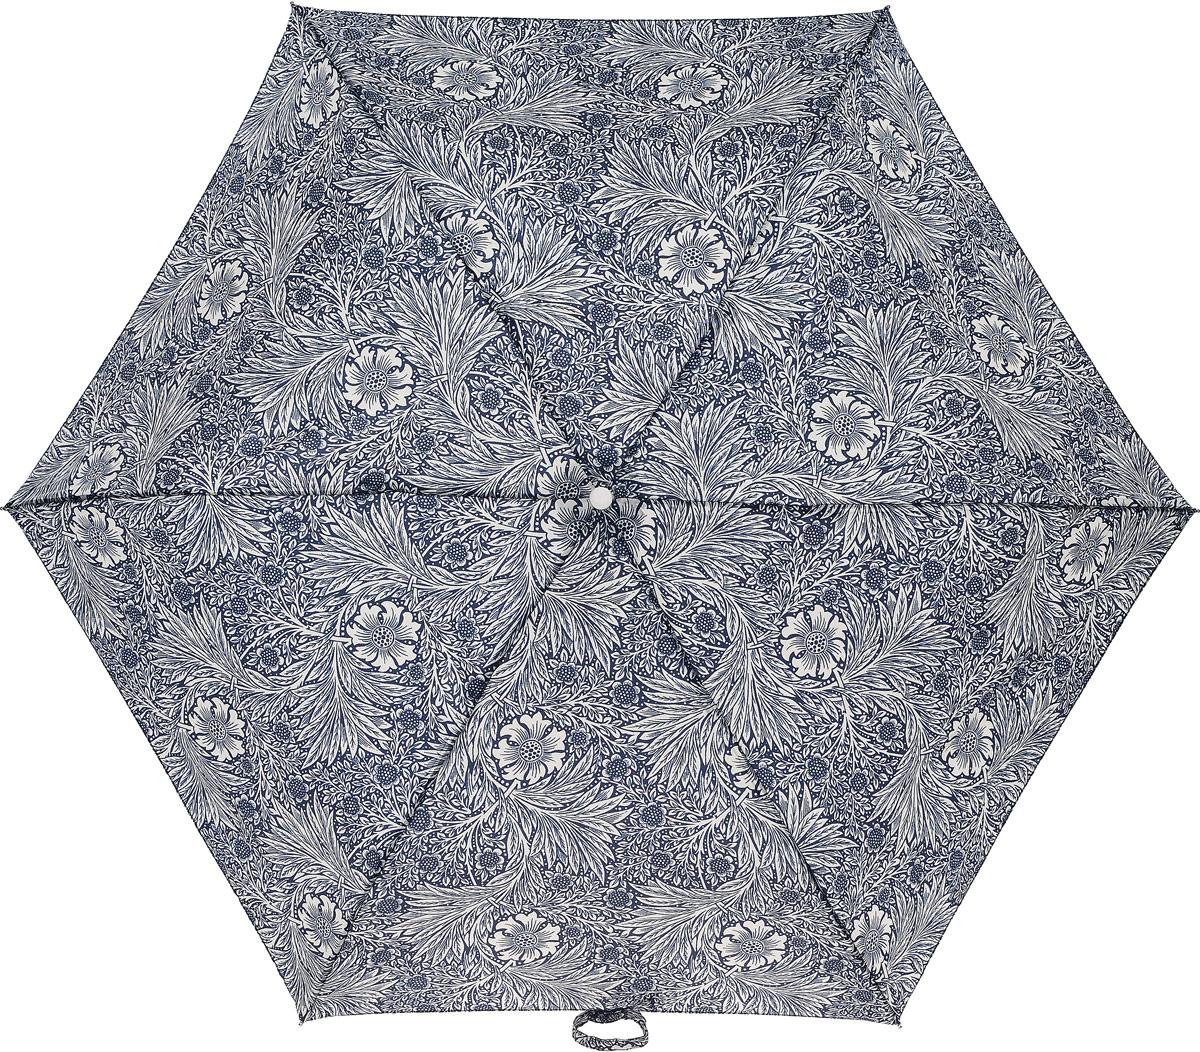 Зонт женский Morris & Co Superslim, механический, 3 сложения, цвет: темно-синий, дымчатый белый. L714-279745100738/18076/4D00NСтильный механический зонт Morris & Co Superslim в 3 сложения даже в ненастную погоду позволит вам оставаться элегантной. Облегченный каркас зонта выполнен из 6 спиц из фибергласса и алюминия, стержень также изготовлен из алюминия, удобная рукоятка - из дерева. Купол зонта выполнен из прочного полиэстера и оформлен оригинальным цветочным принтом. В закрытом виде застегивается хлястиком на липучку. Зонт механического сложения: купол открывается и закрывается вручную до характерного щелчка. На рукоятке для удобства есть небольшой шнурок, позволяющий при необходимости надеть зонт на руку. К зонту прилагается чехол, который дополнительно застегивается на липучку.Такой зонт компактно располагается в глубоком кармане, сумочке, дверке автомобиля.